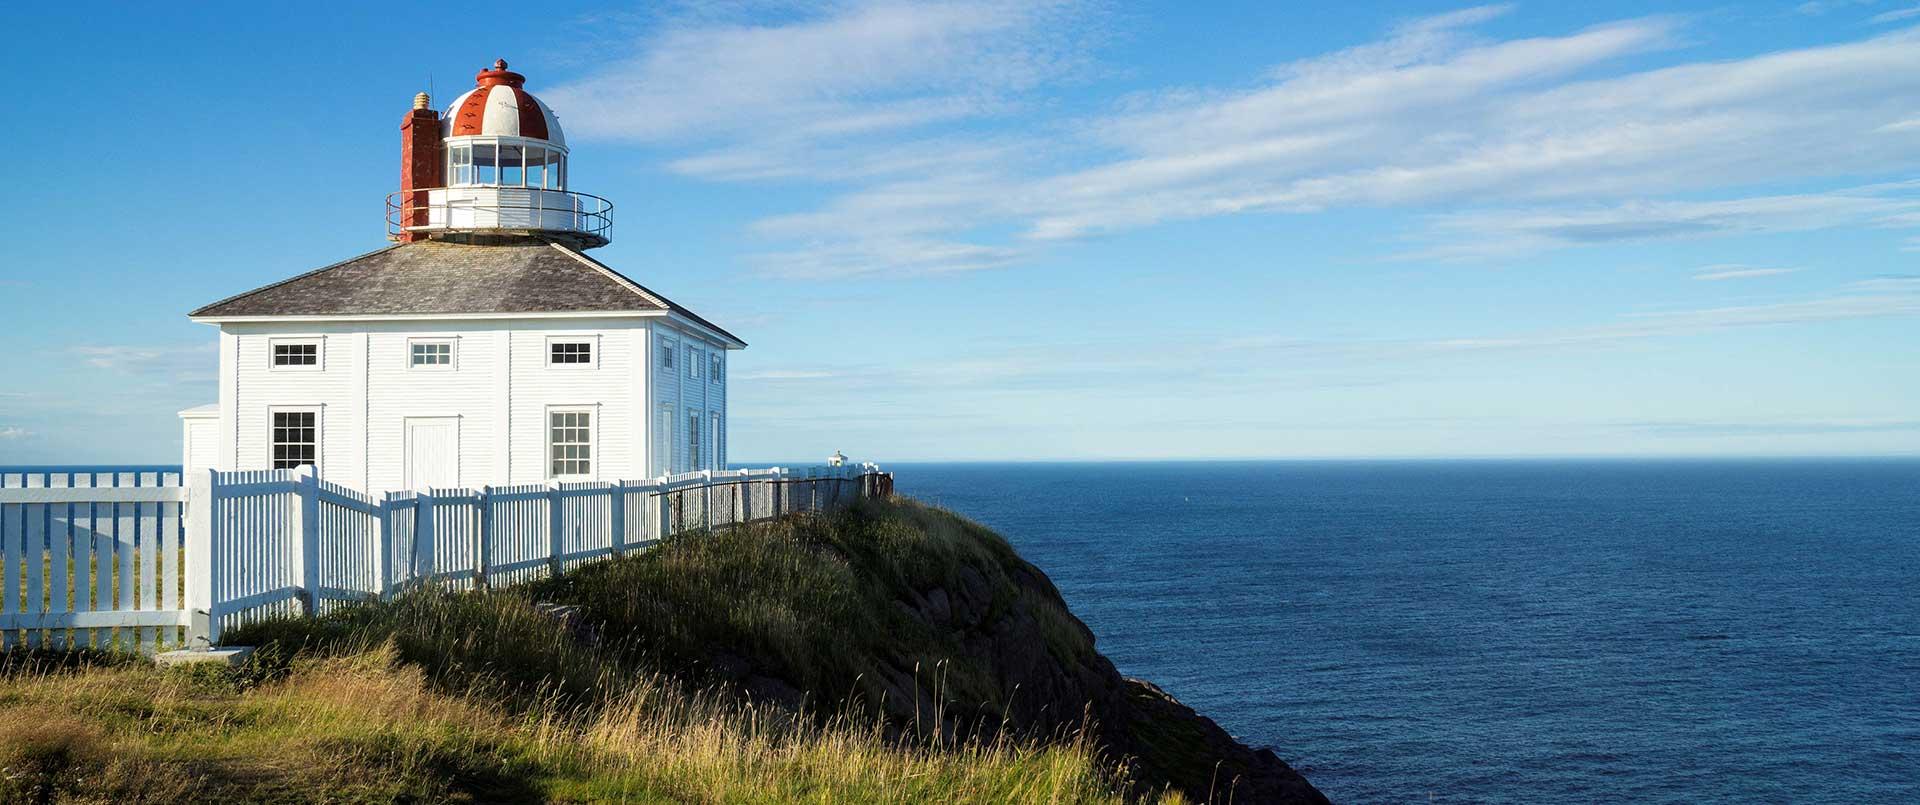 Explore Newfoundland 12 Days